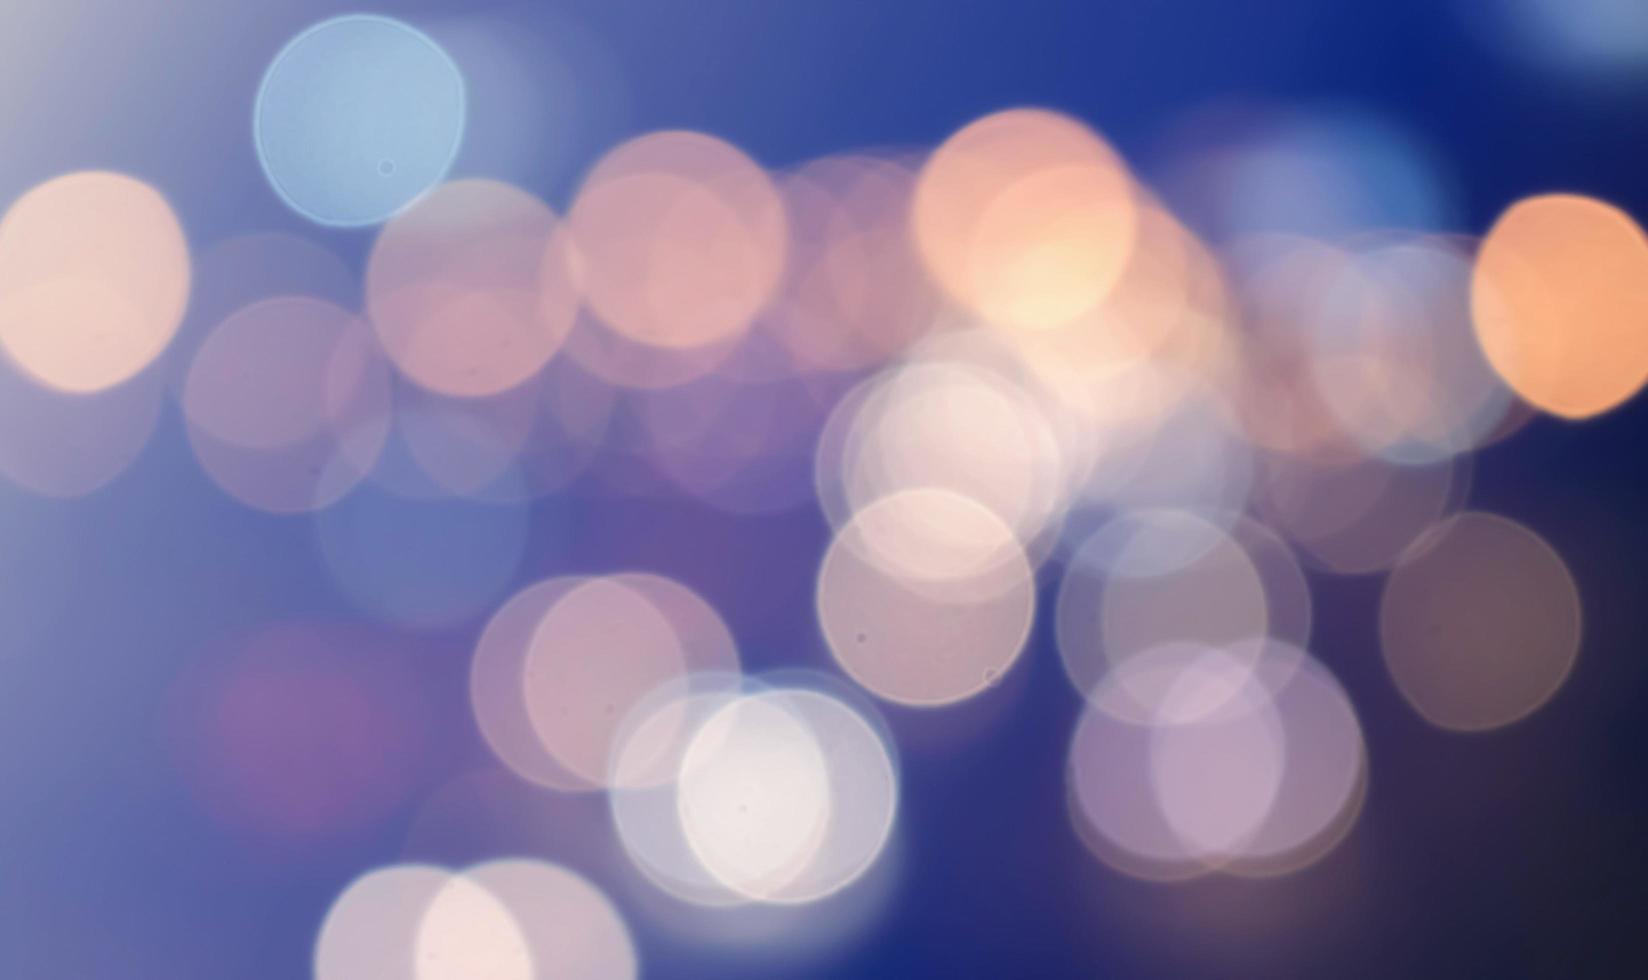 bokeh cirkelvormig licht, sprankelend verkeerslichtglinstering foto